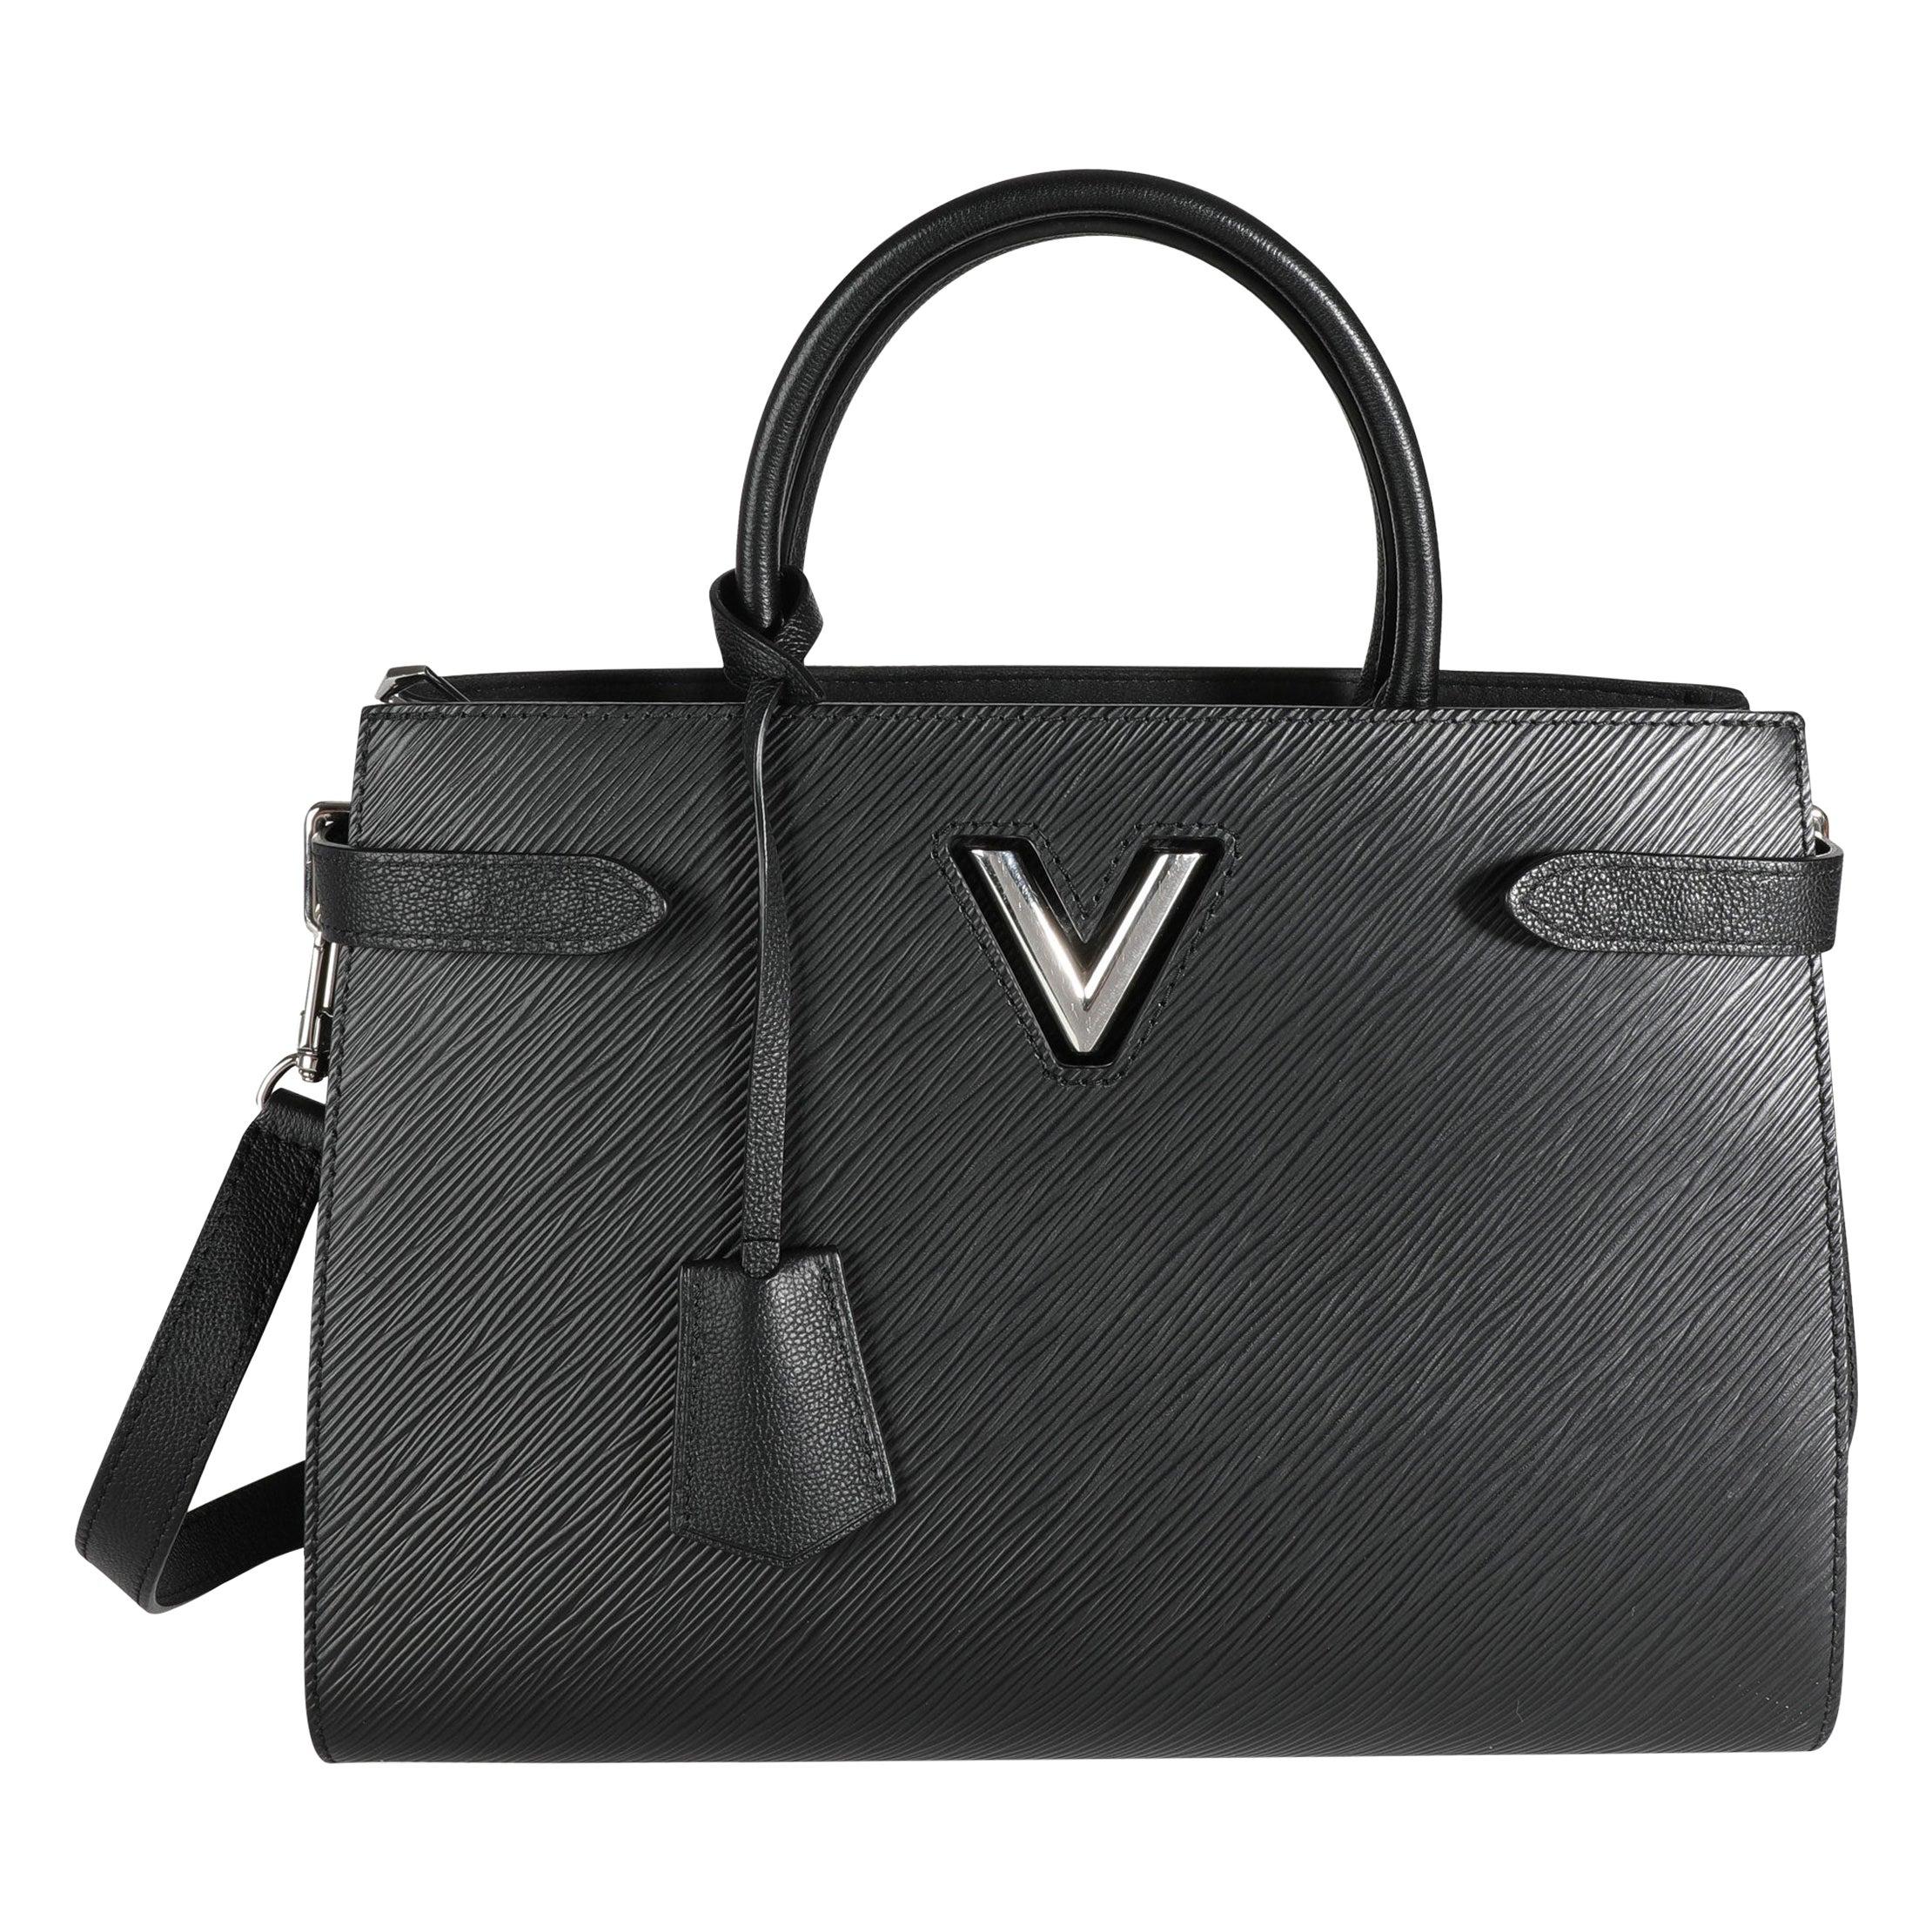 Louis Vuitton Black Epi Leather Twist Tote